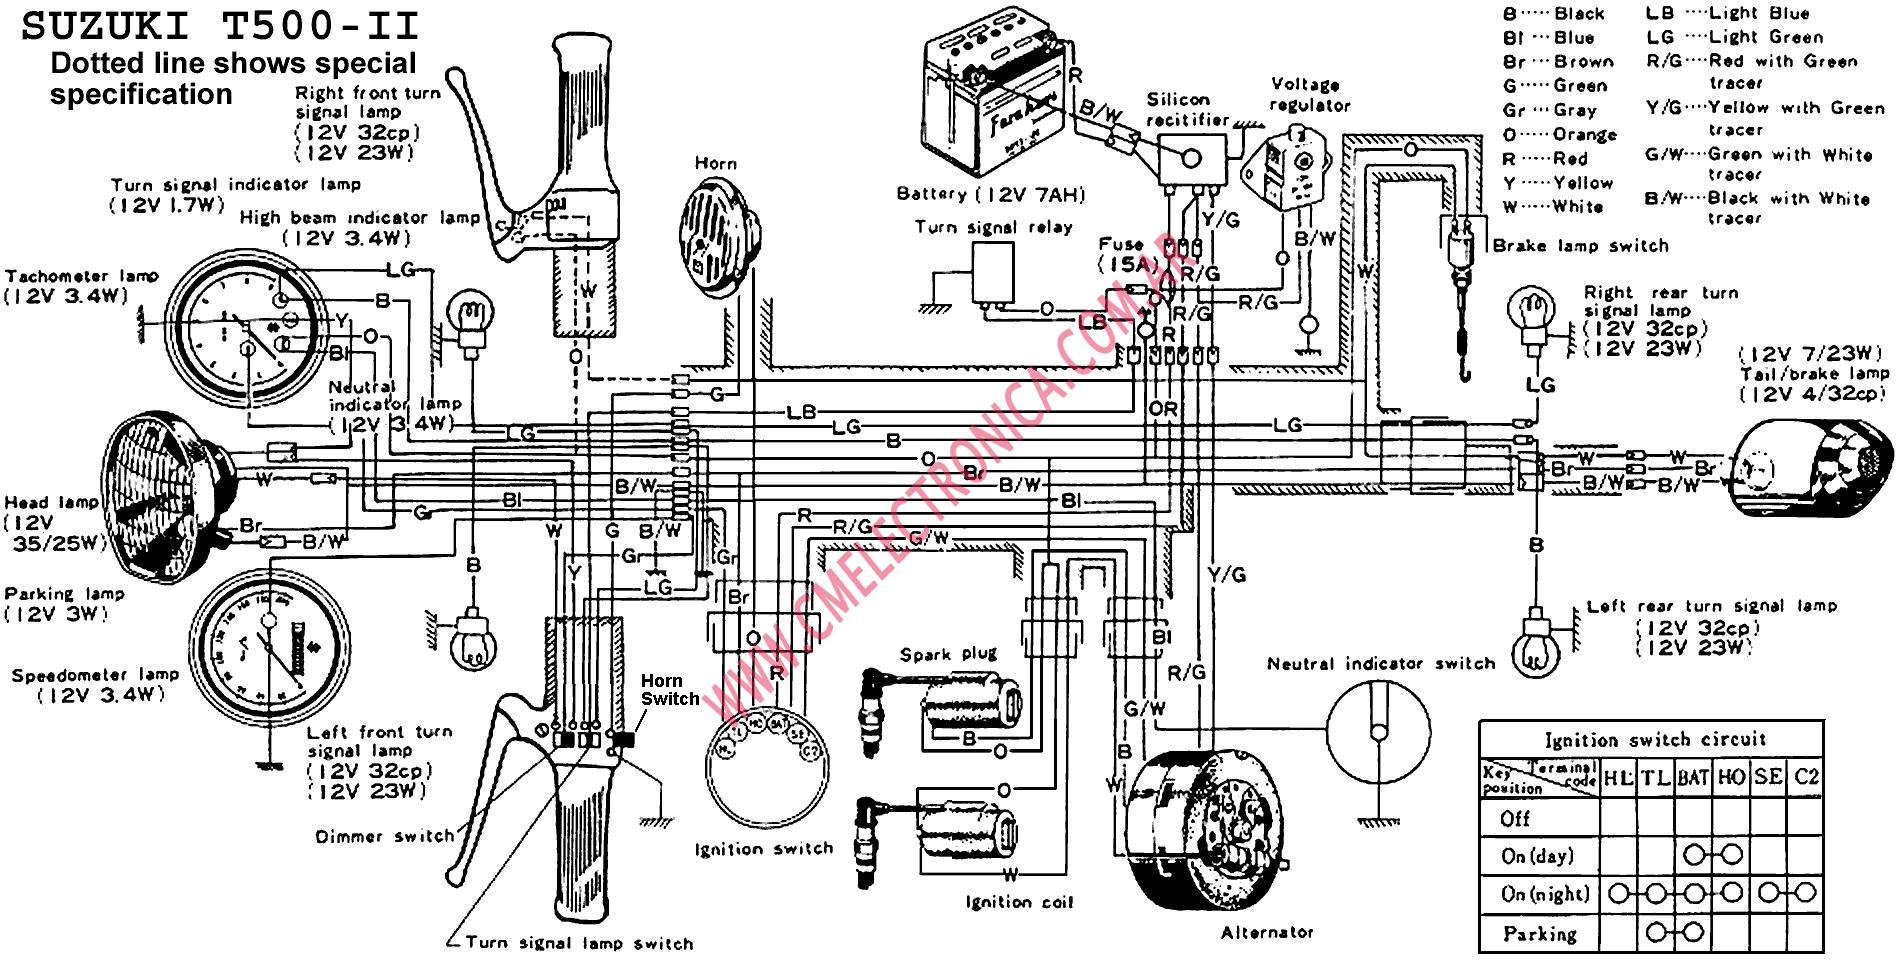 suzuki b200 wiring diagram